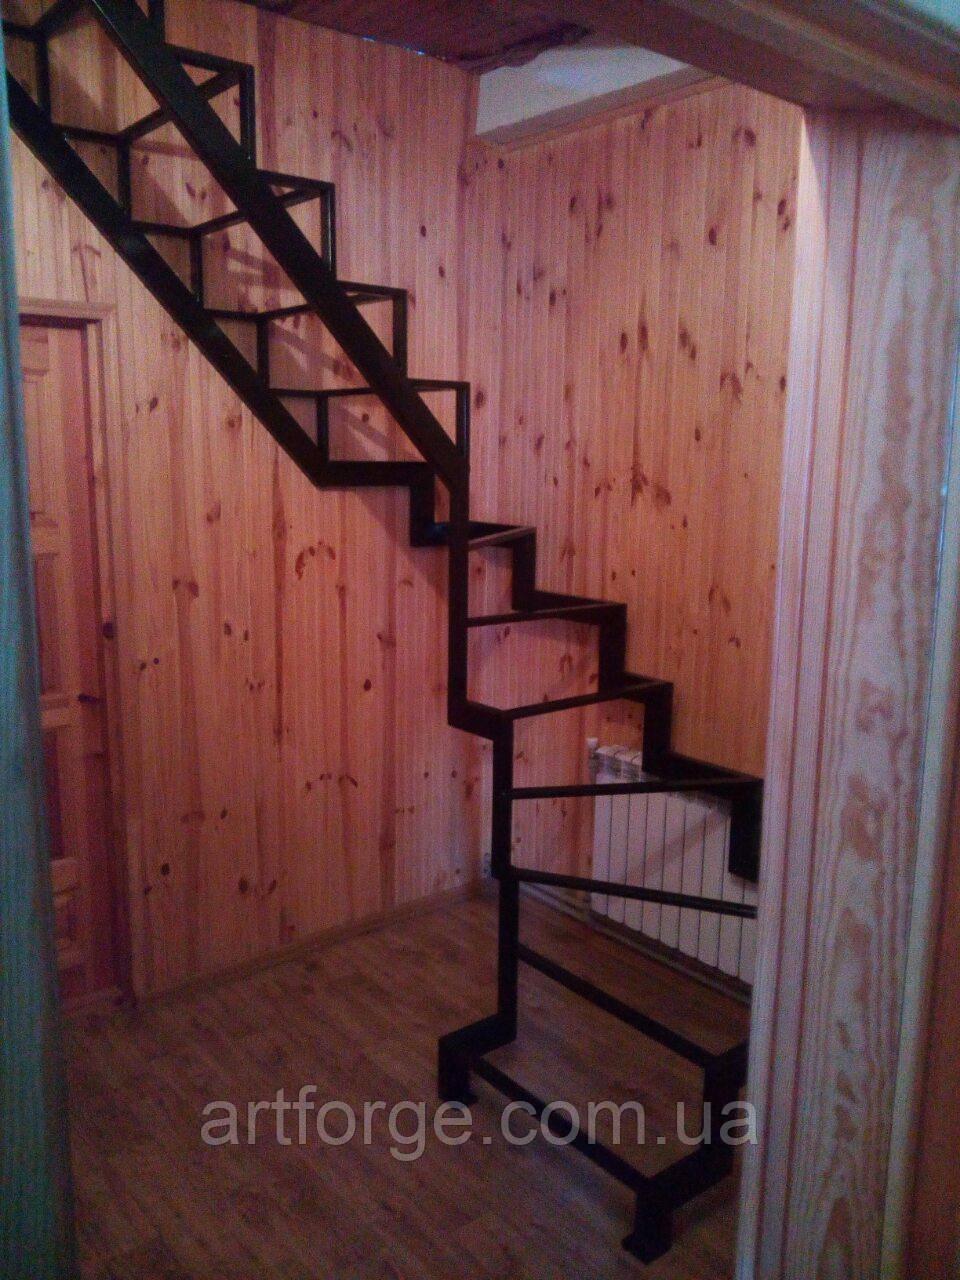 Универсальный каркас лестницы с разворотом 180 гр.